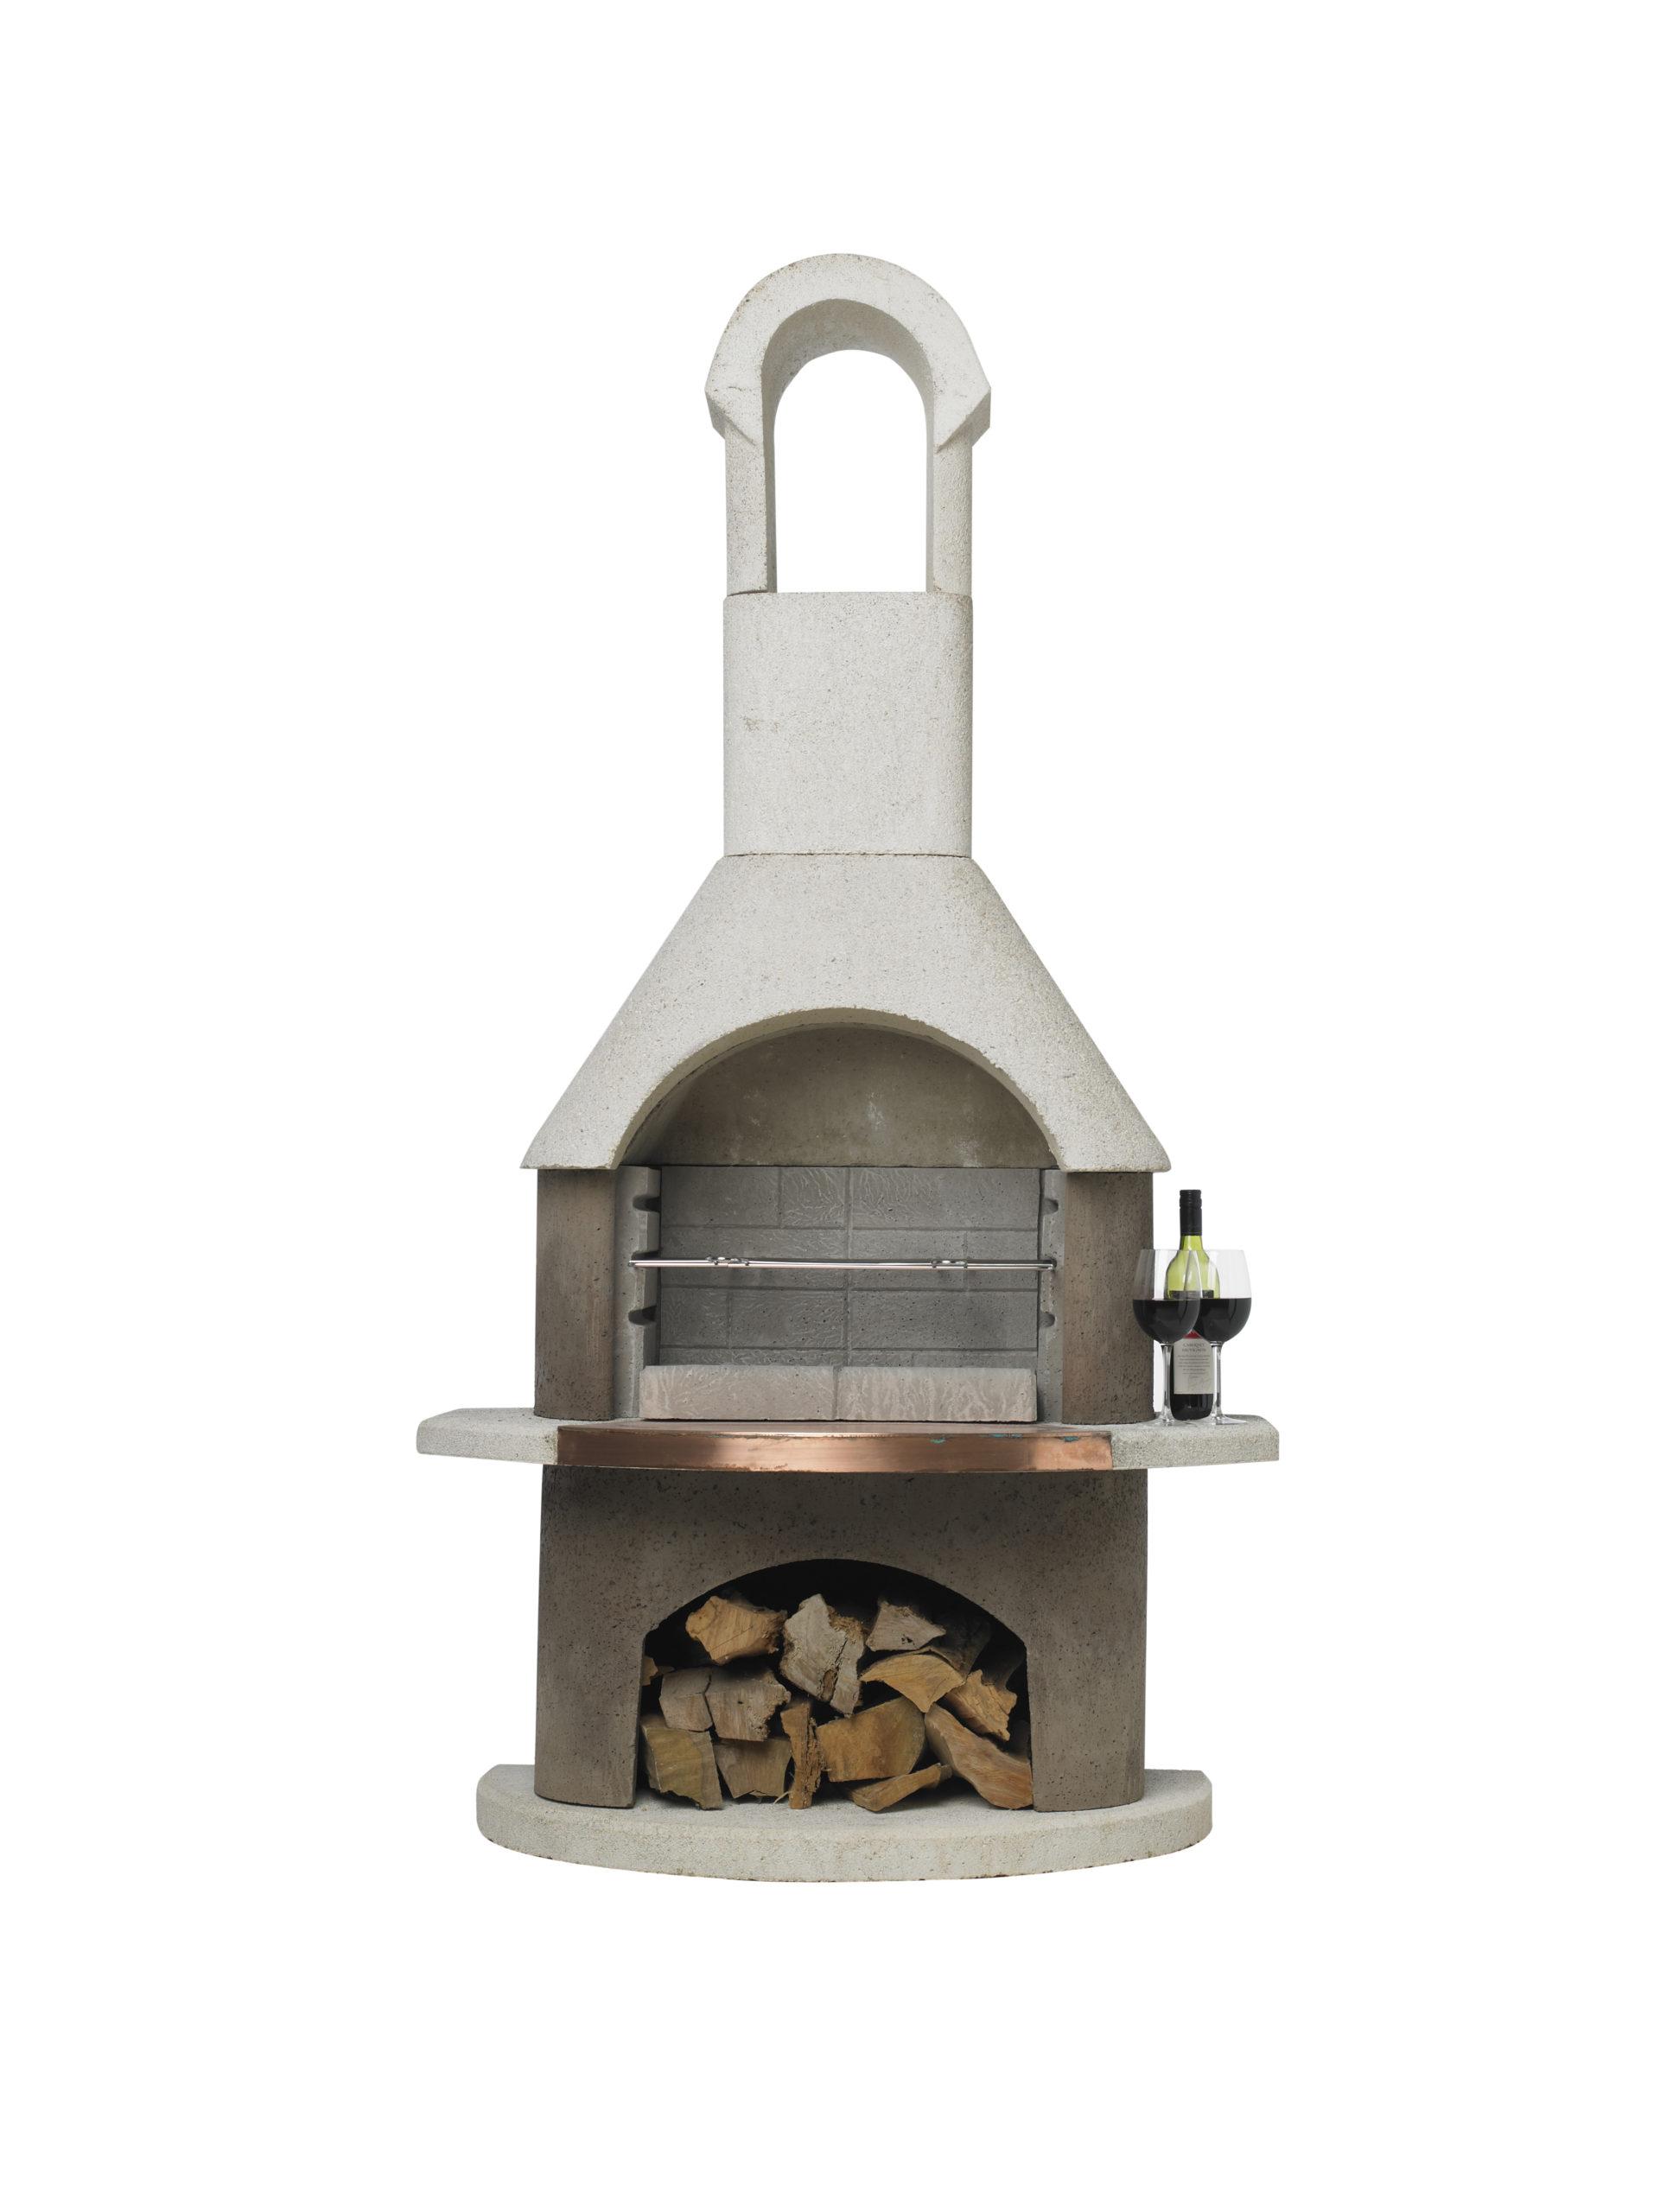 St Moritz BBQ Fireplace